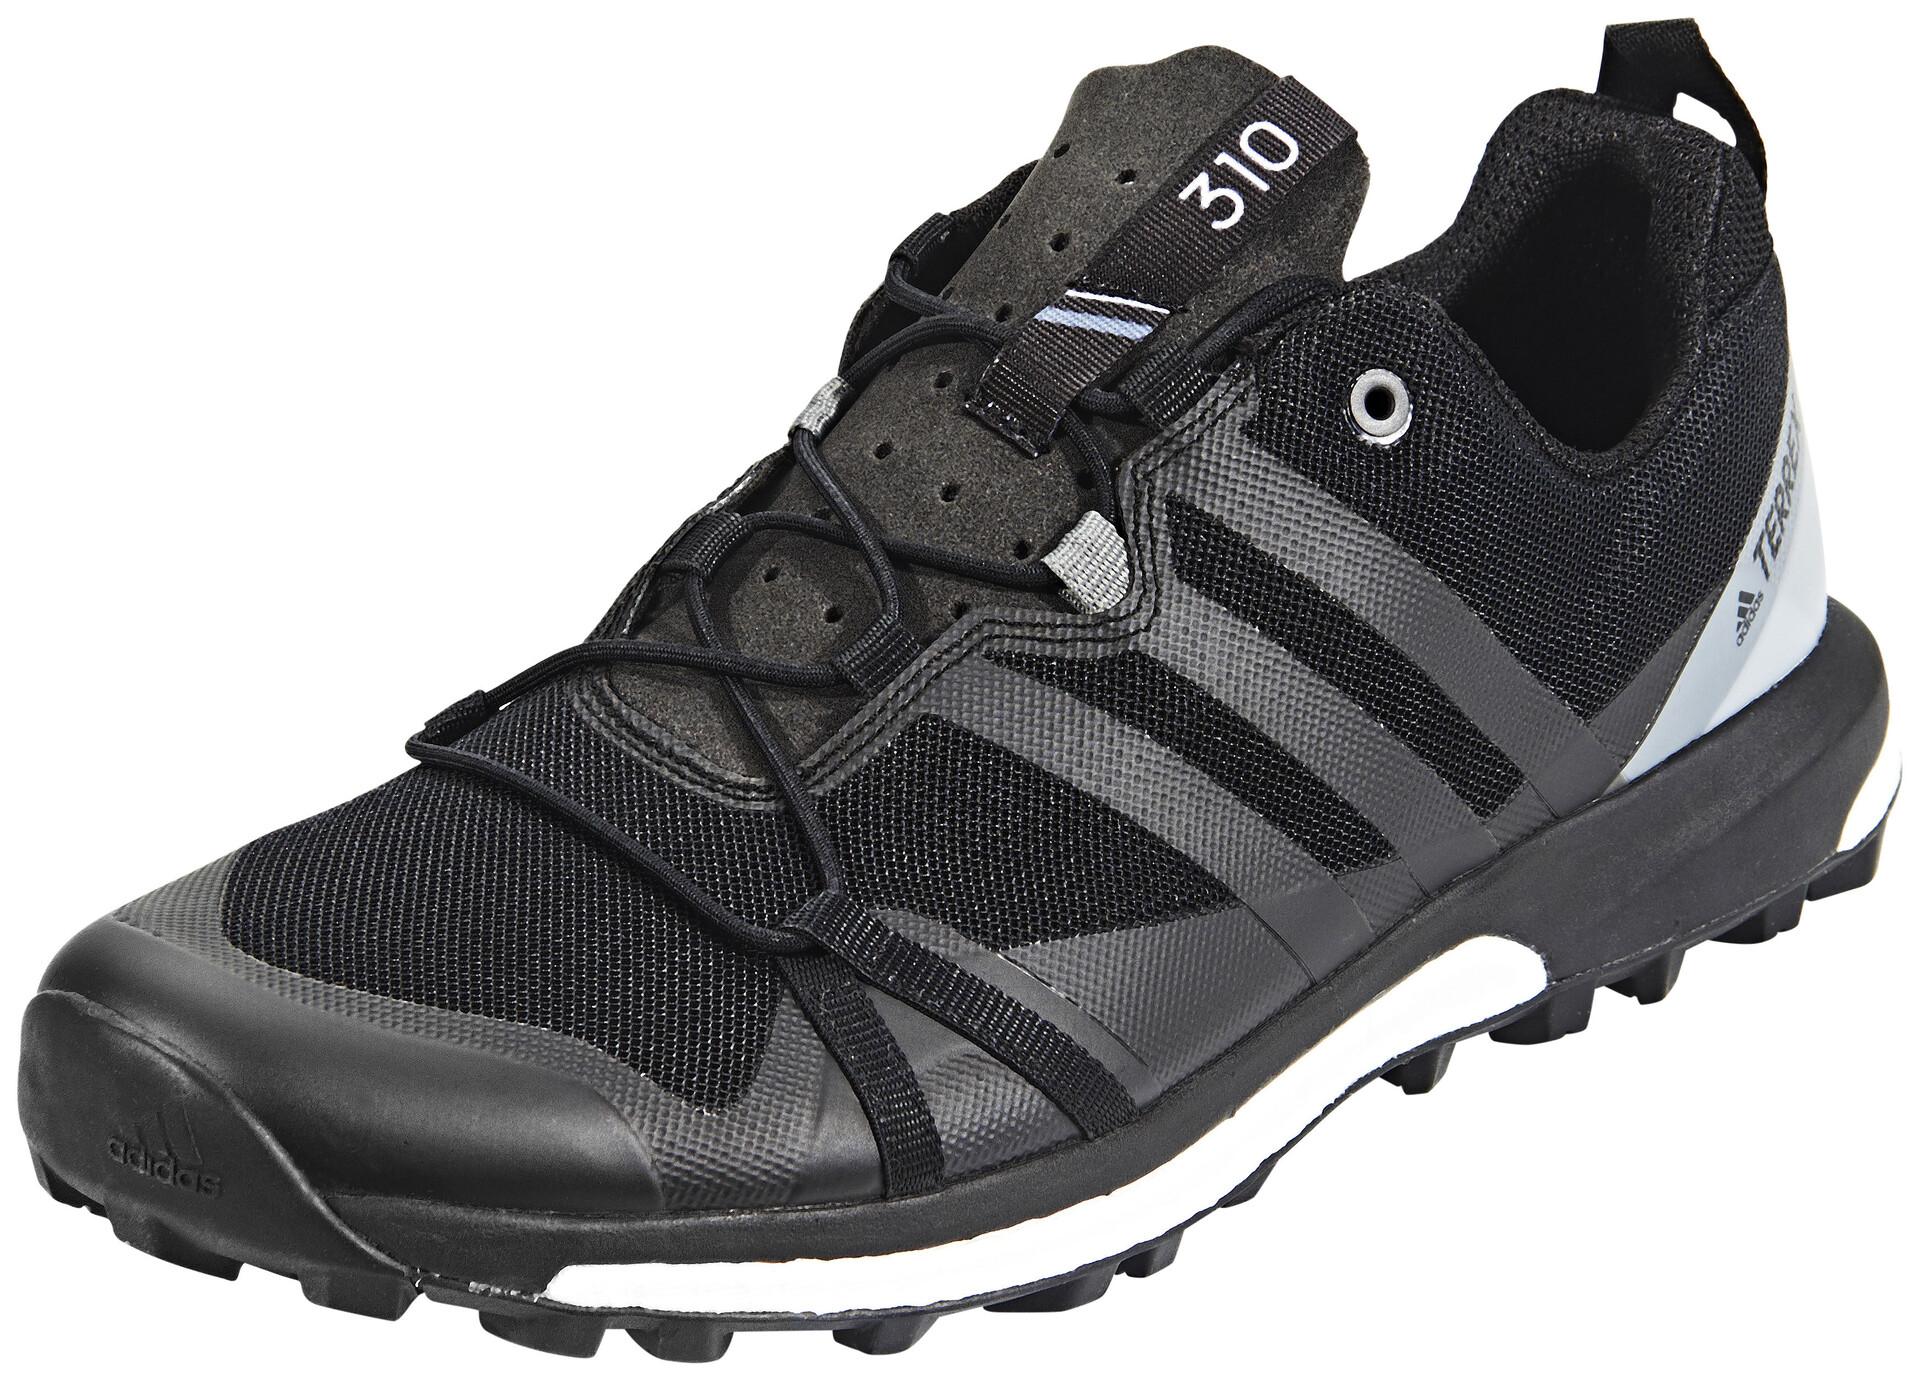 adidas TERREX Agravic Zapatillas running running Zapatillas Hombre negro | Campz ae770e